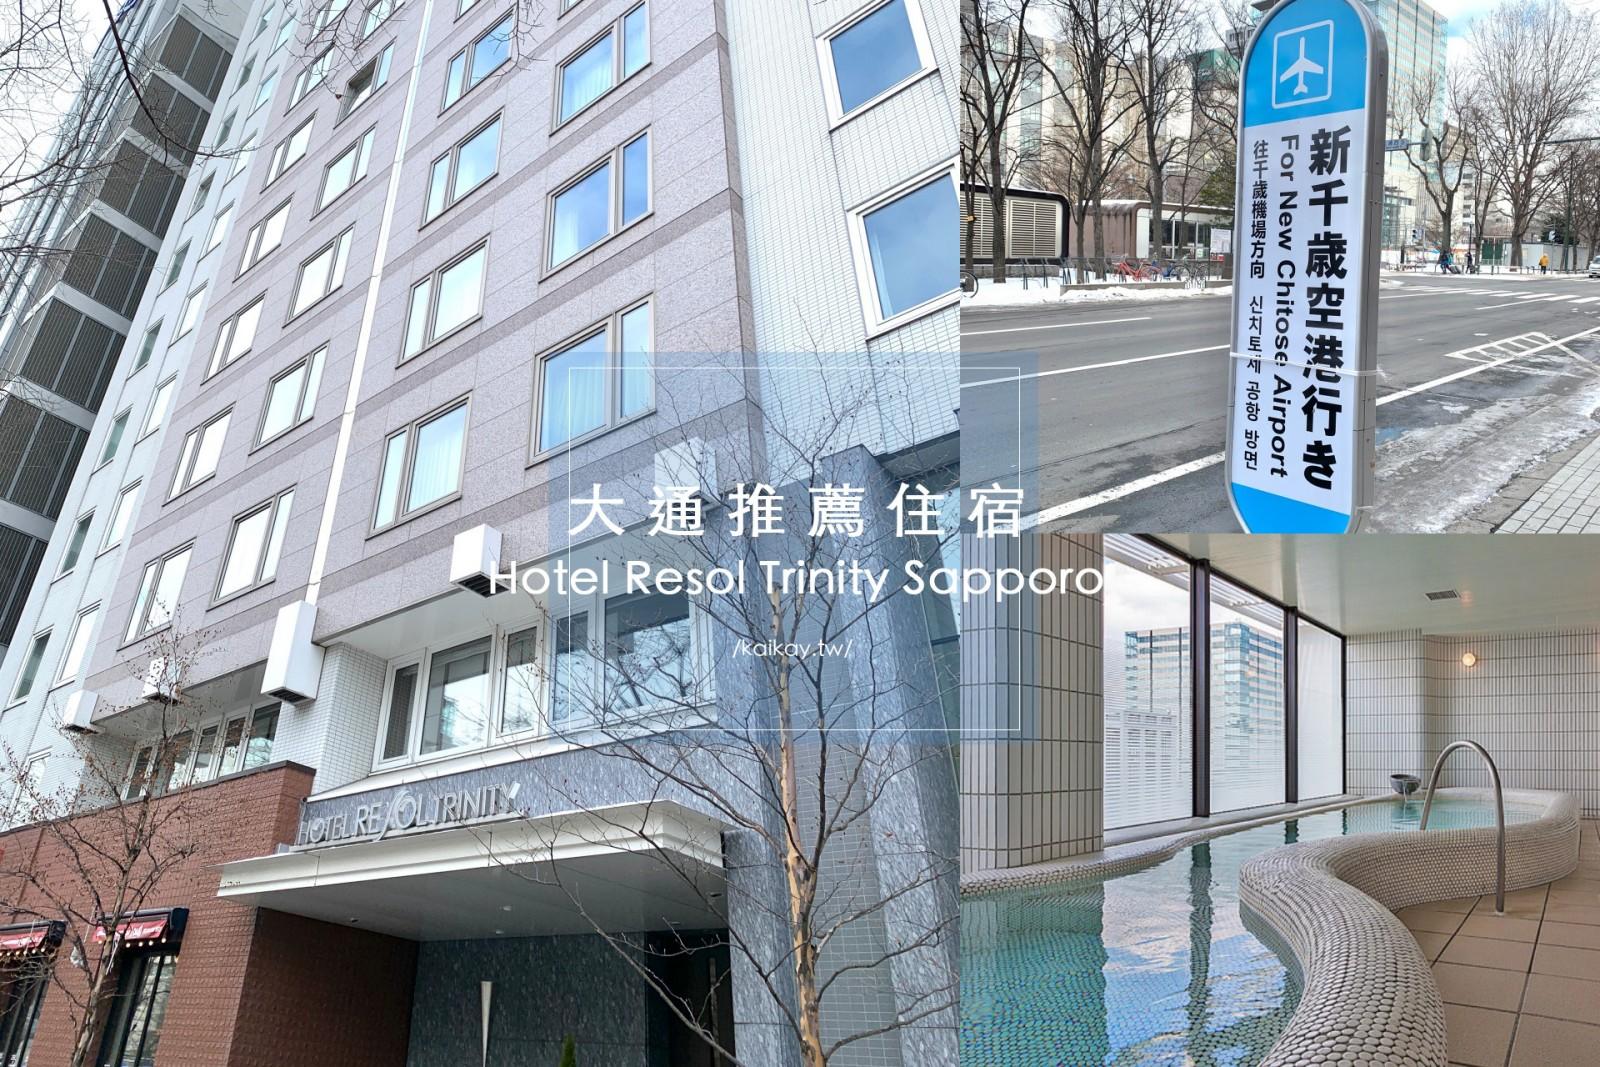 網站熱門文章:☆【2020。北海道】大通公園旁的浪漫住宿。超貼心Hotel Resol Trinity Sapporo女性樓層客房